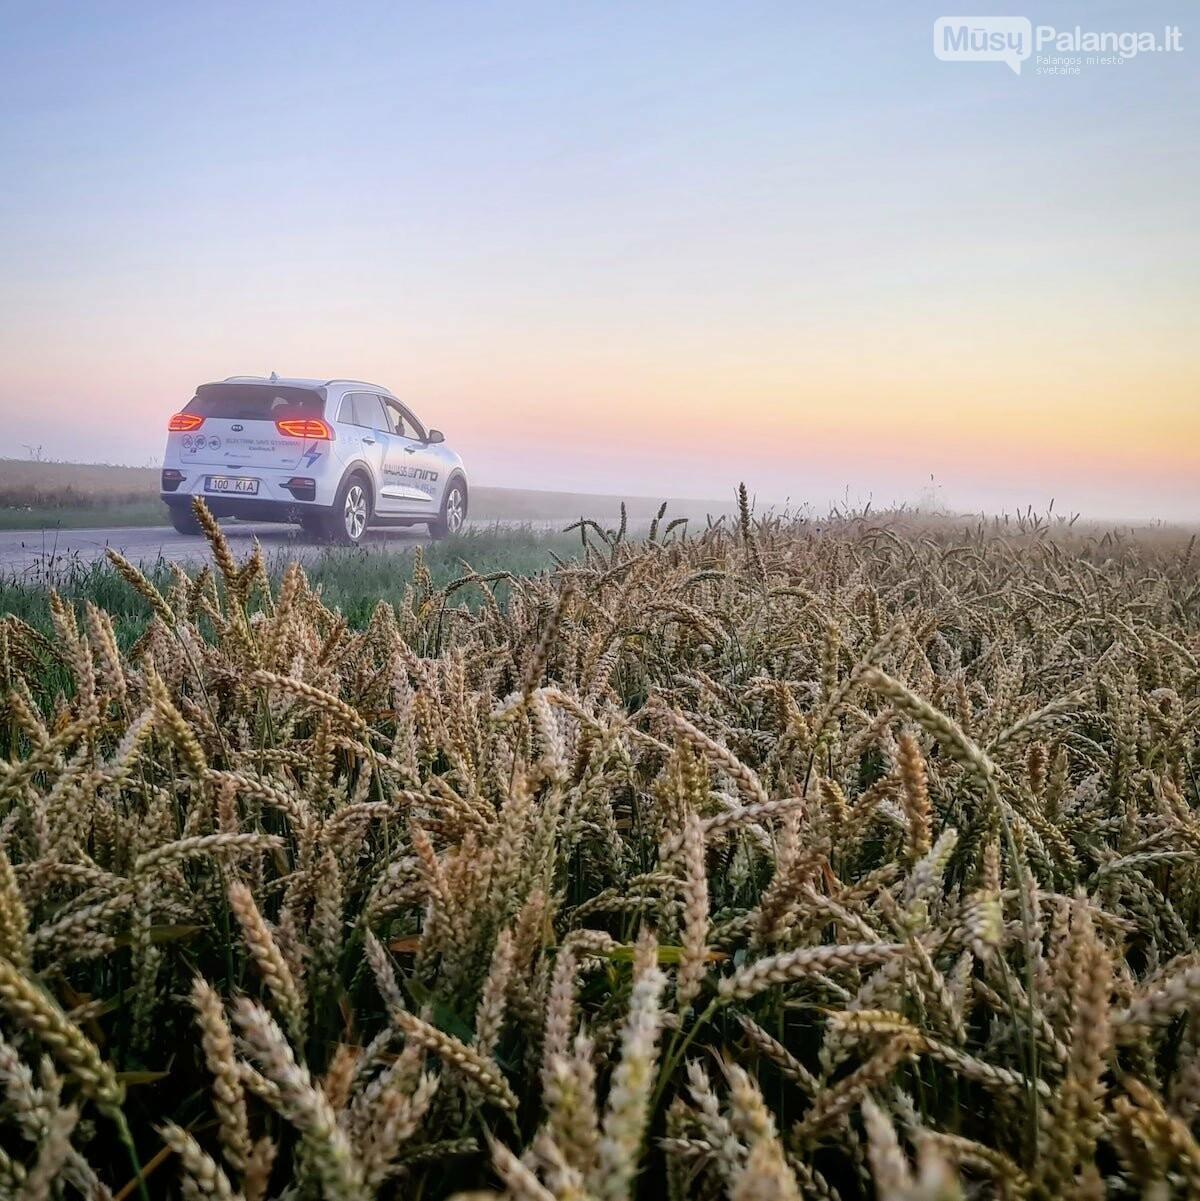 Naujas rekordas: elektromobiliu aplink Lietuvą per 22 valandas, nuotrauka-6, Vytauto PILKAUSKO ir rekordo autorių nuotr.